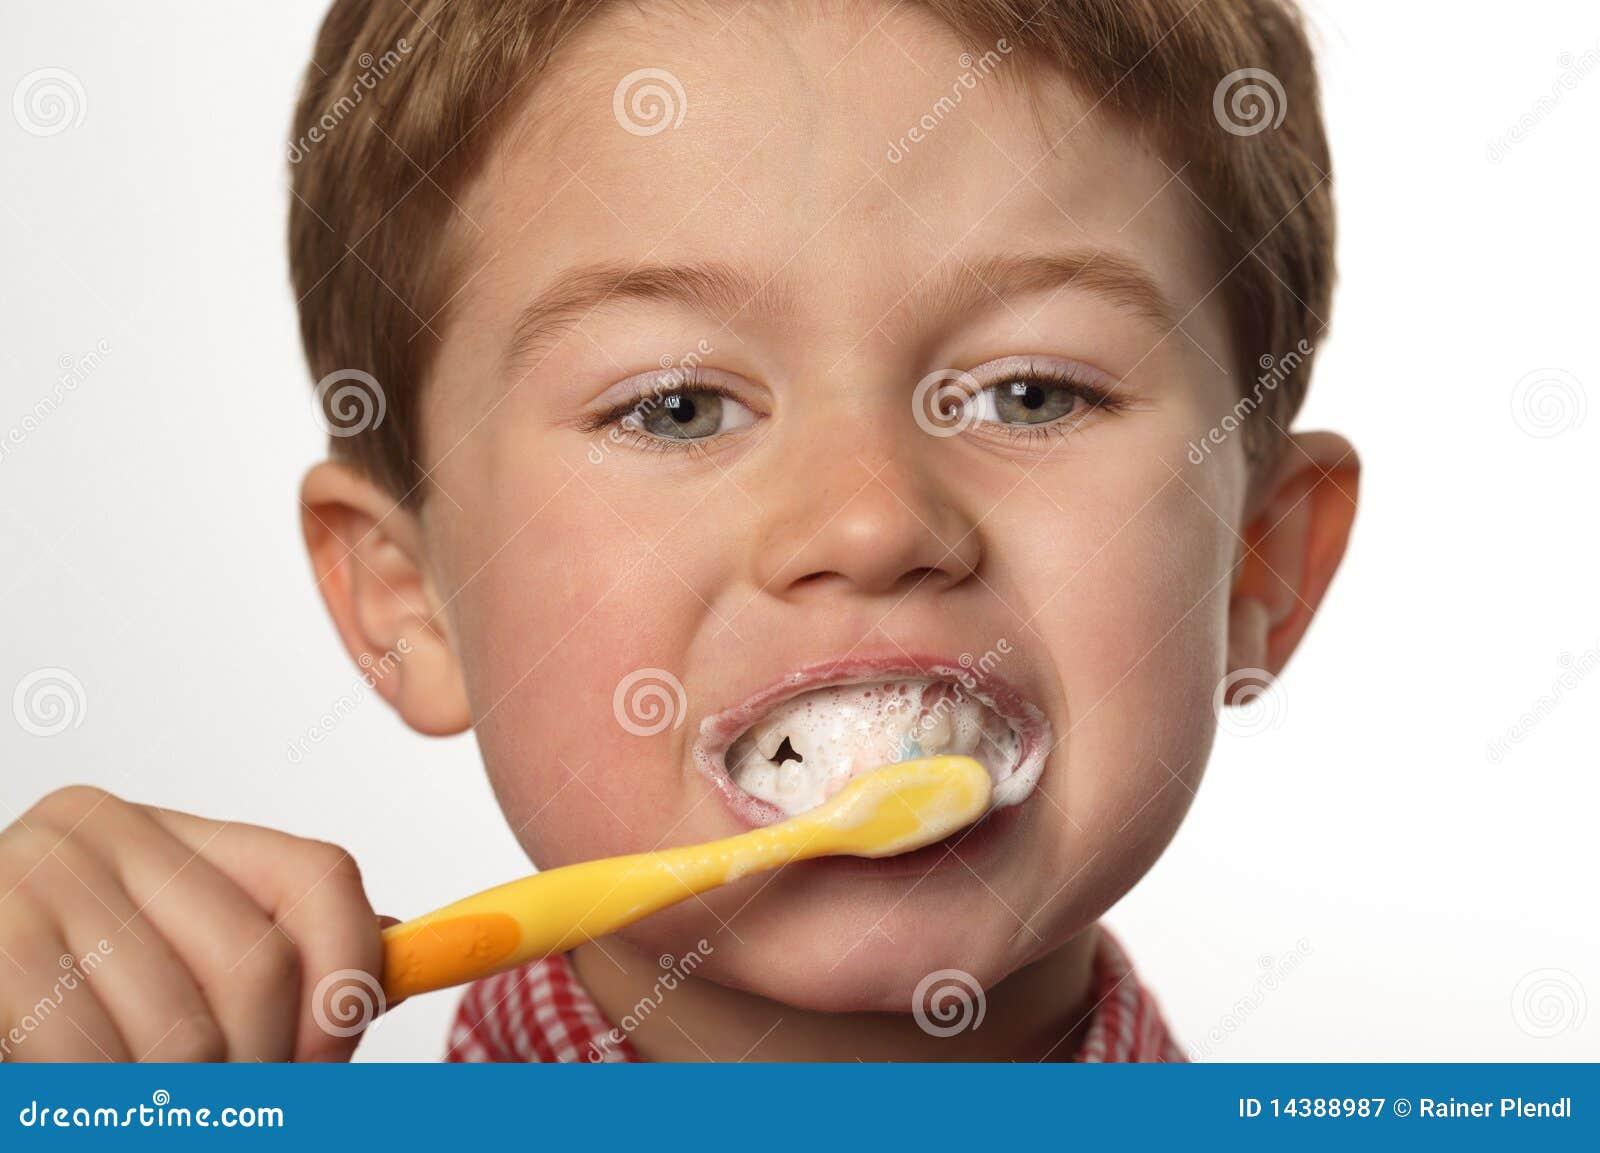 De fio dental escovando os dentes - 2 part 7